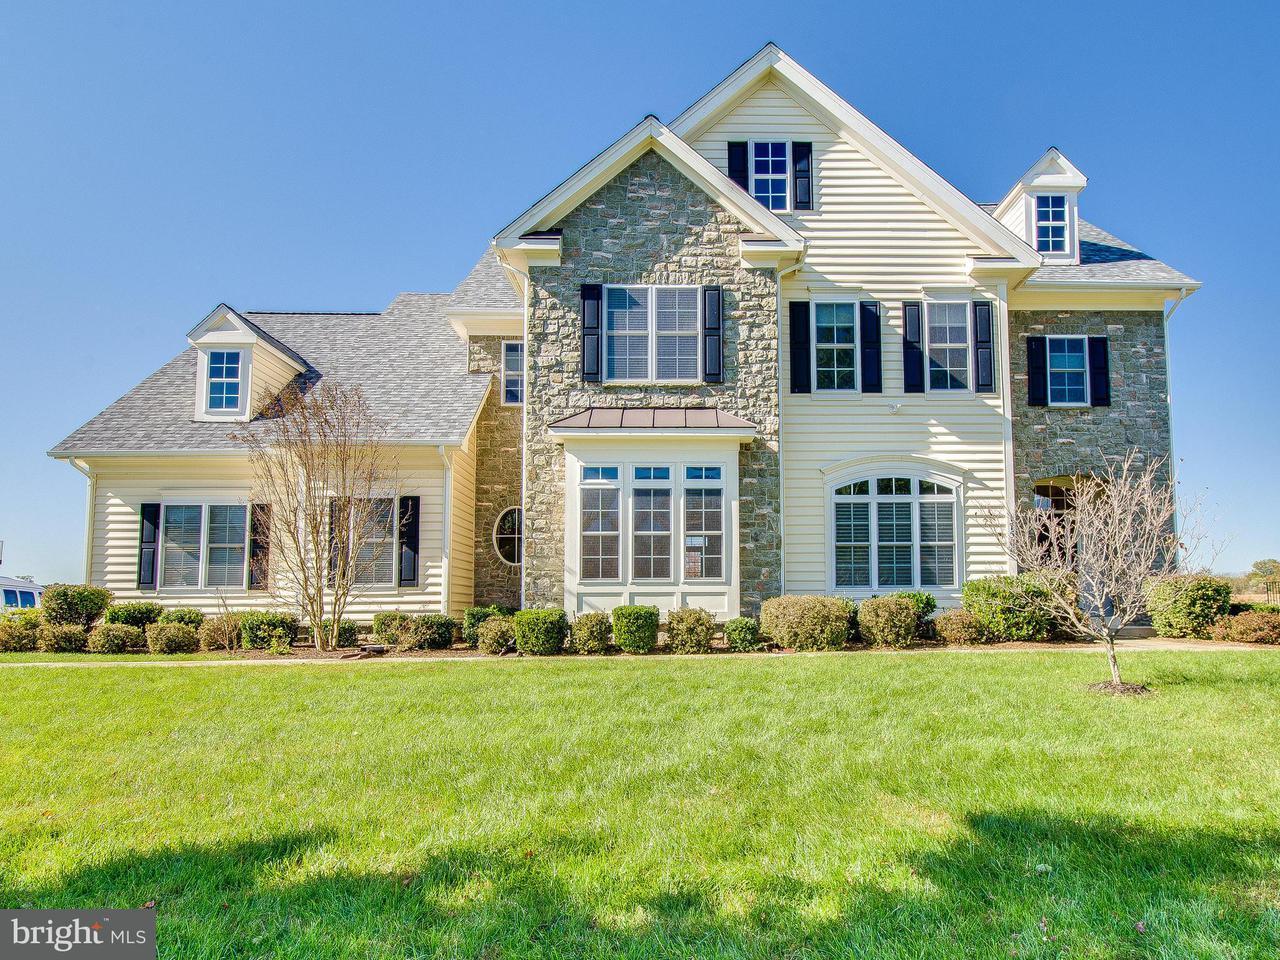 一戸建て のために 売買 アット 17506 HIDDEN GARDEN Lane 17506 HIDDEN GARDEN Lane Ashton, メリーランド 20861 アメリカ合衆国